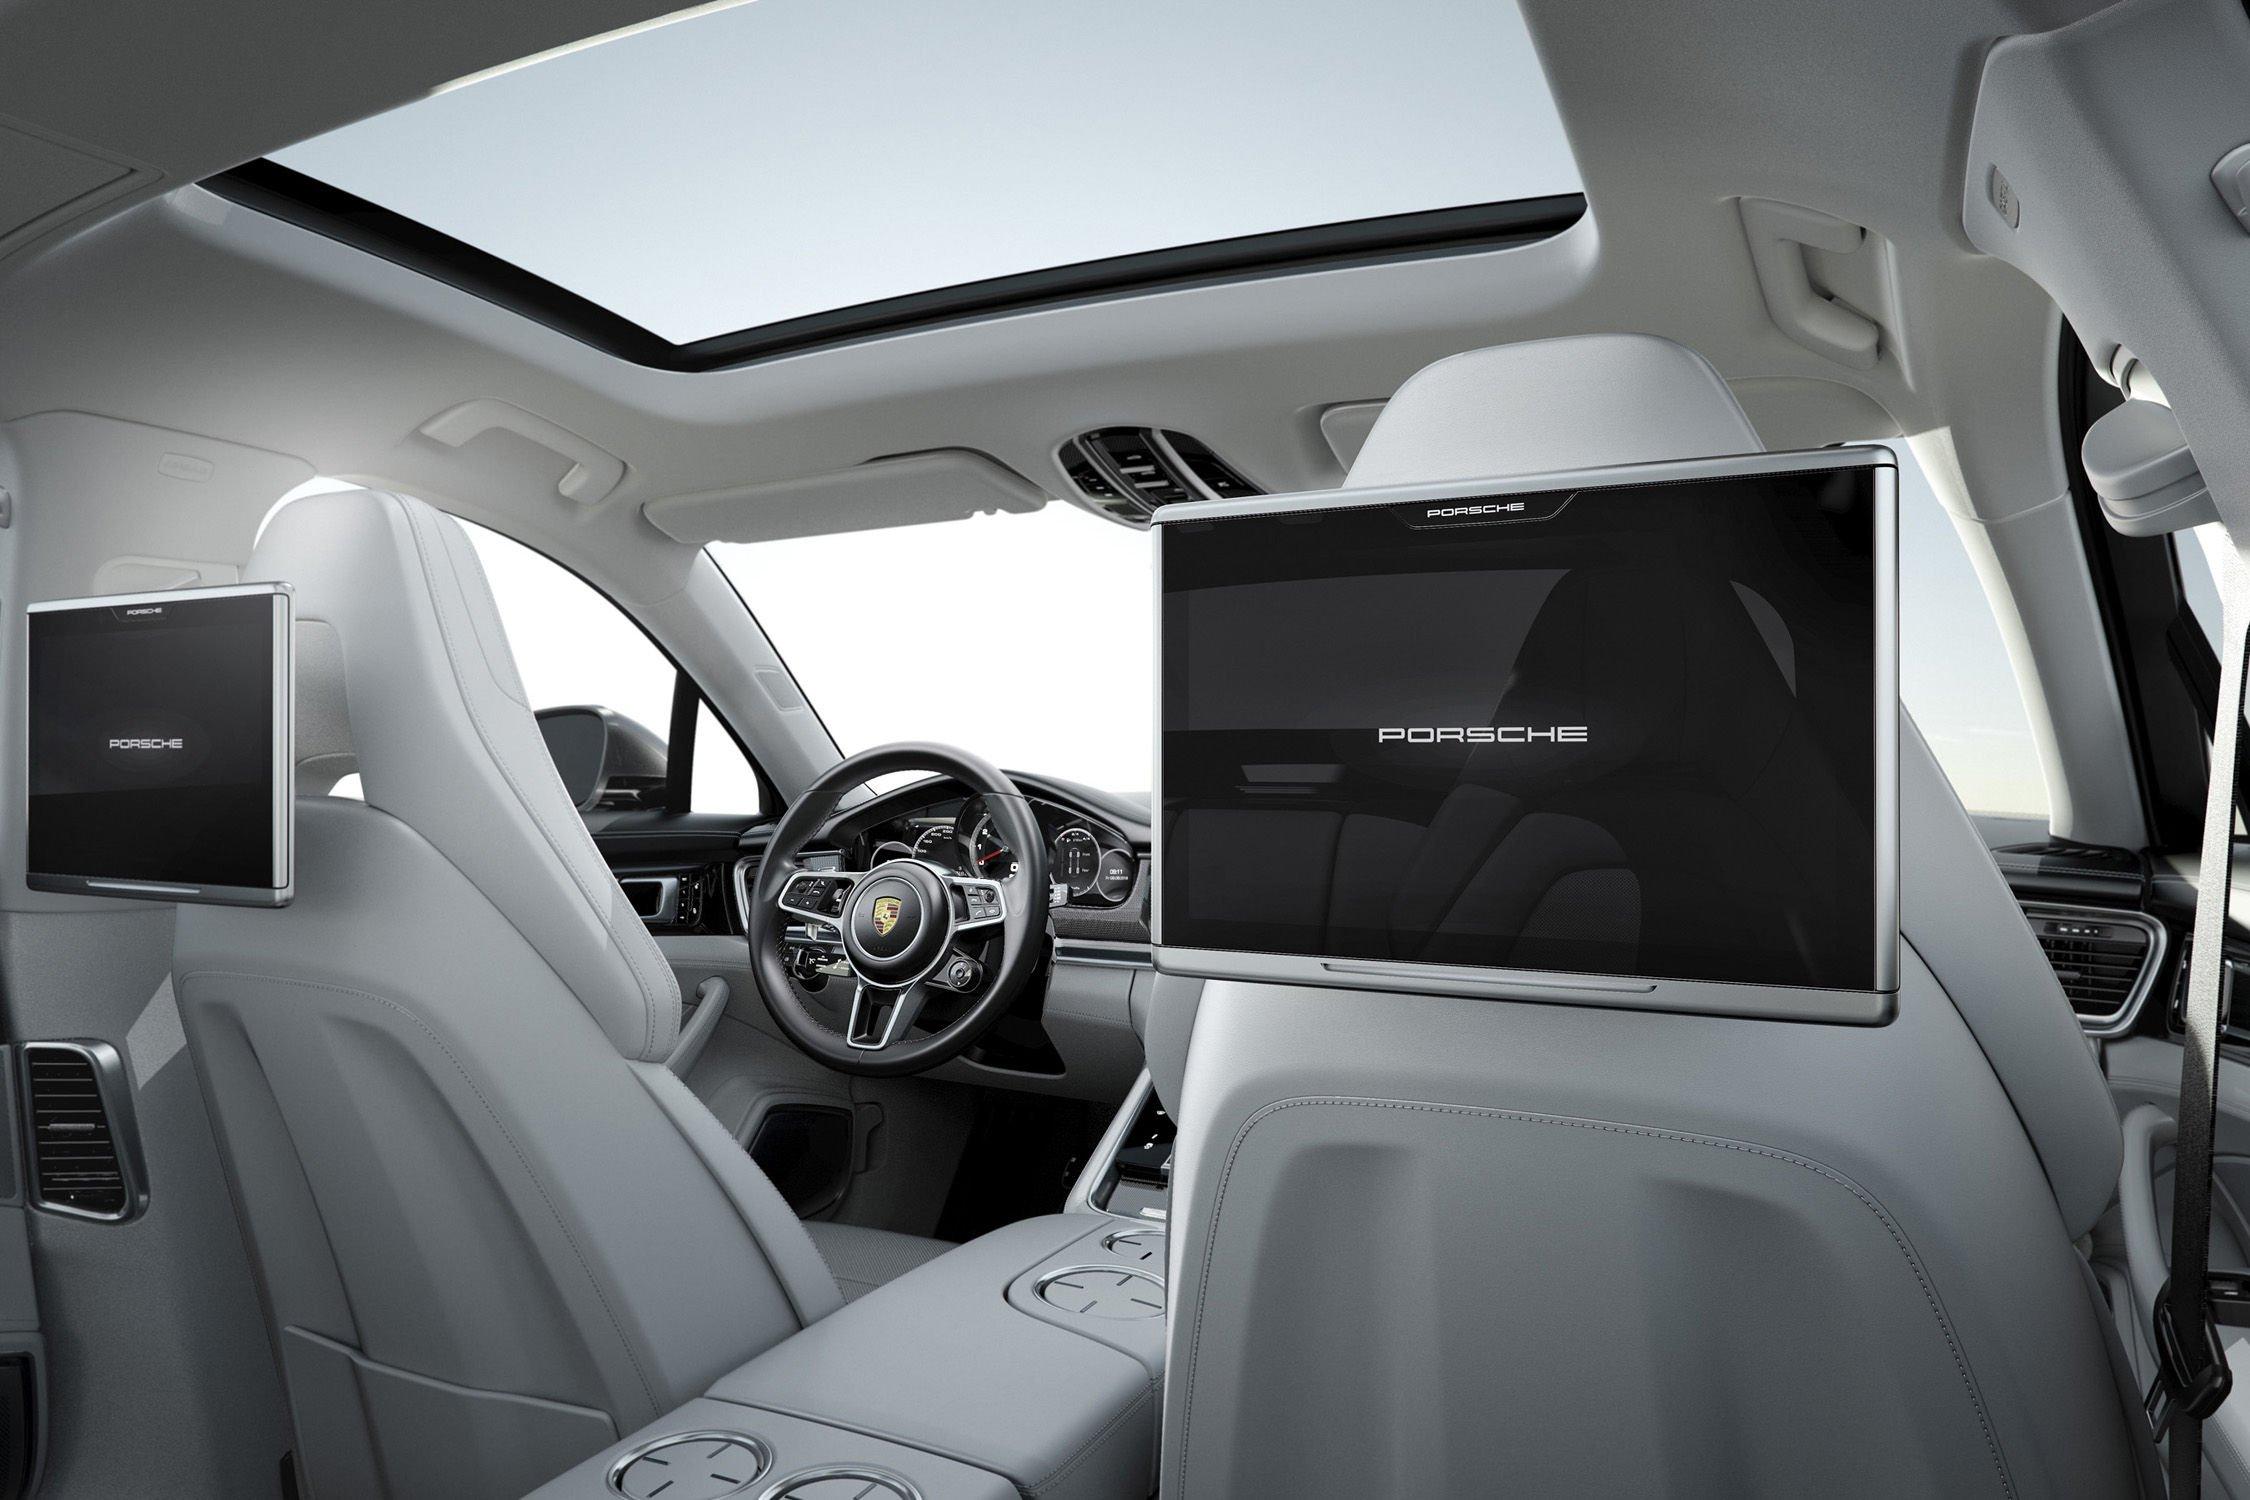 un v6 turbo pour la nouvelle porsche panamera actualit automobile motorlegend. Black Bedroom Furniture Sets. Home Design Ideas